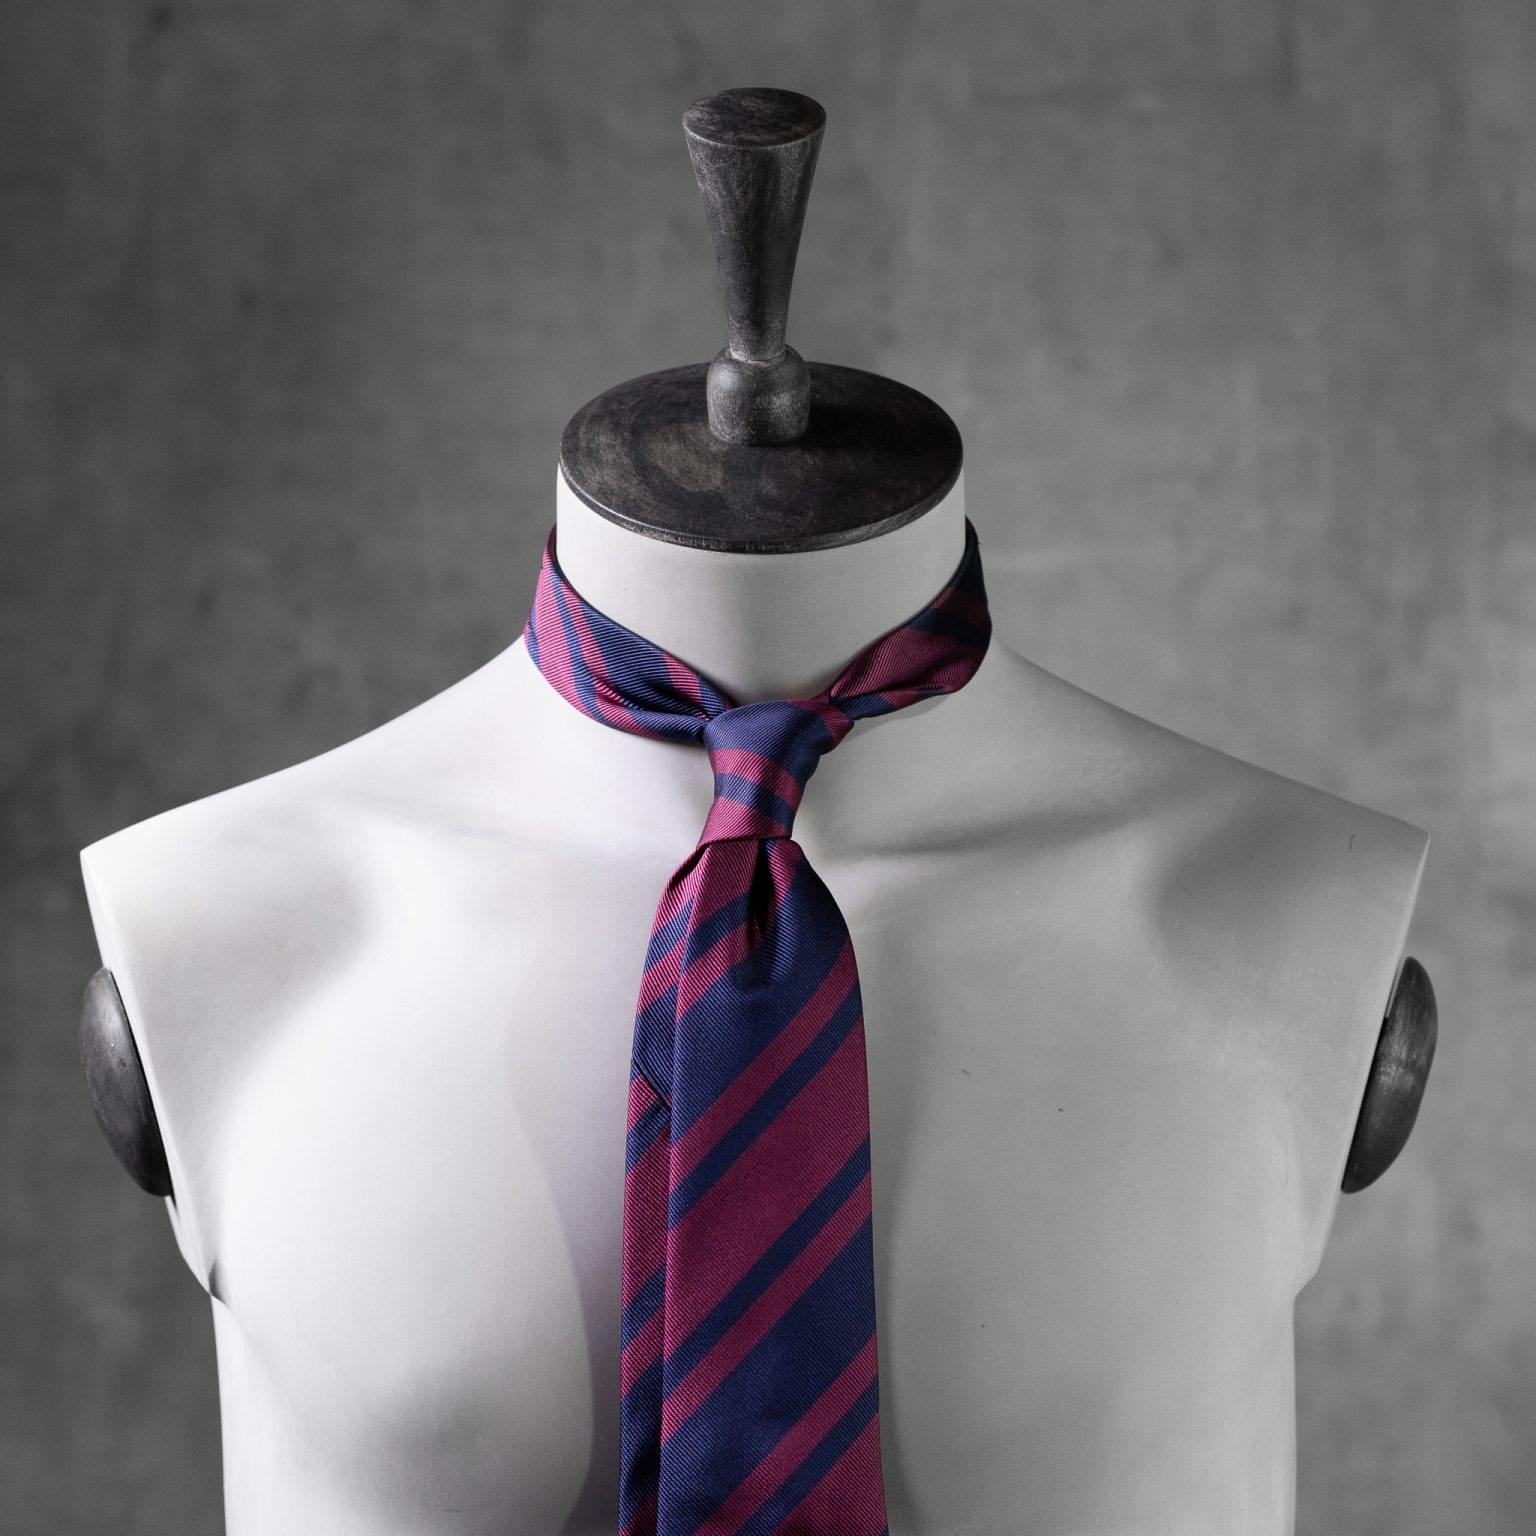 JACQUARD-0387-Tie-Initials-Corbata-Iniciales-The-Seelk-3